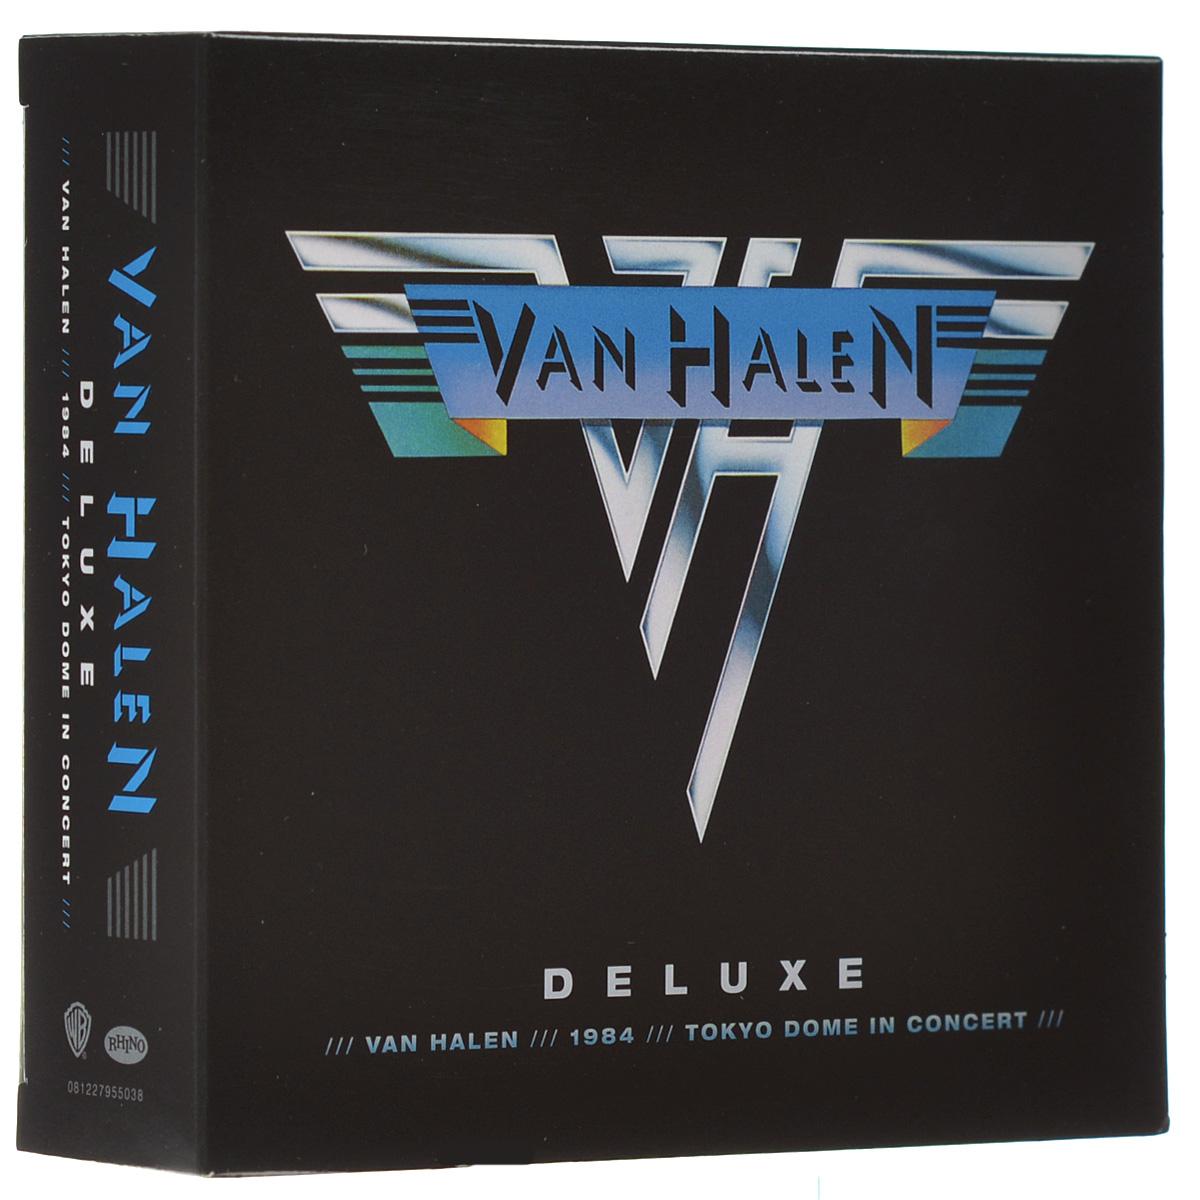 Van Halen. Van Halen / 1984 / Tokyo Dome In Concert. Deluxe (4 CD)